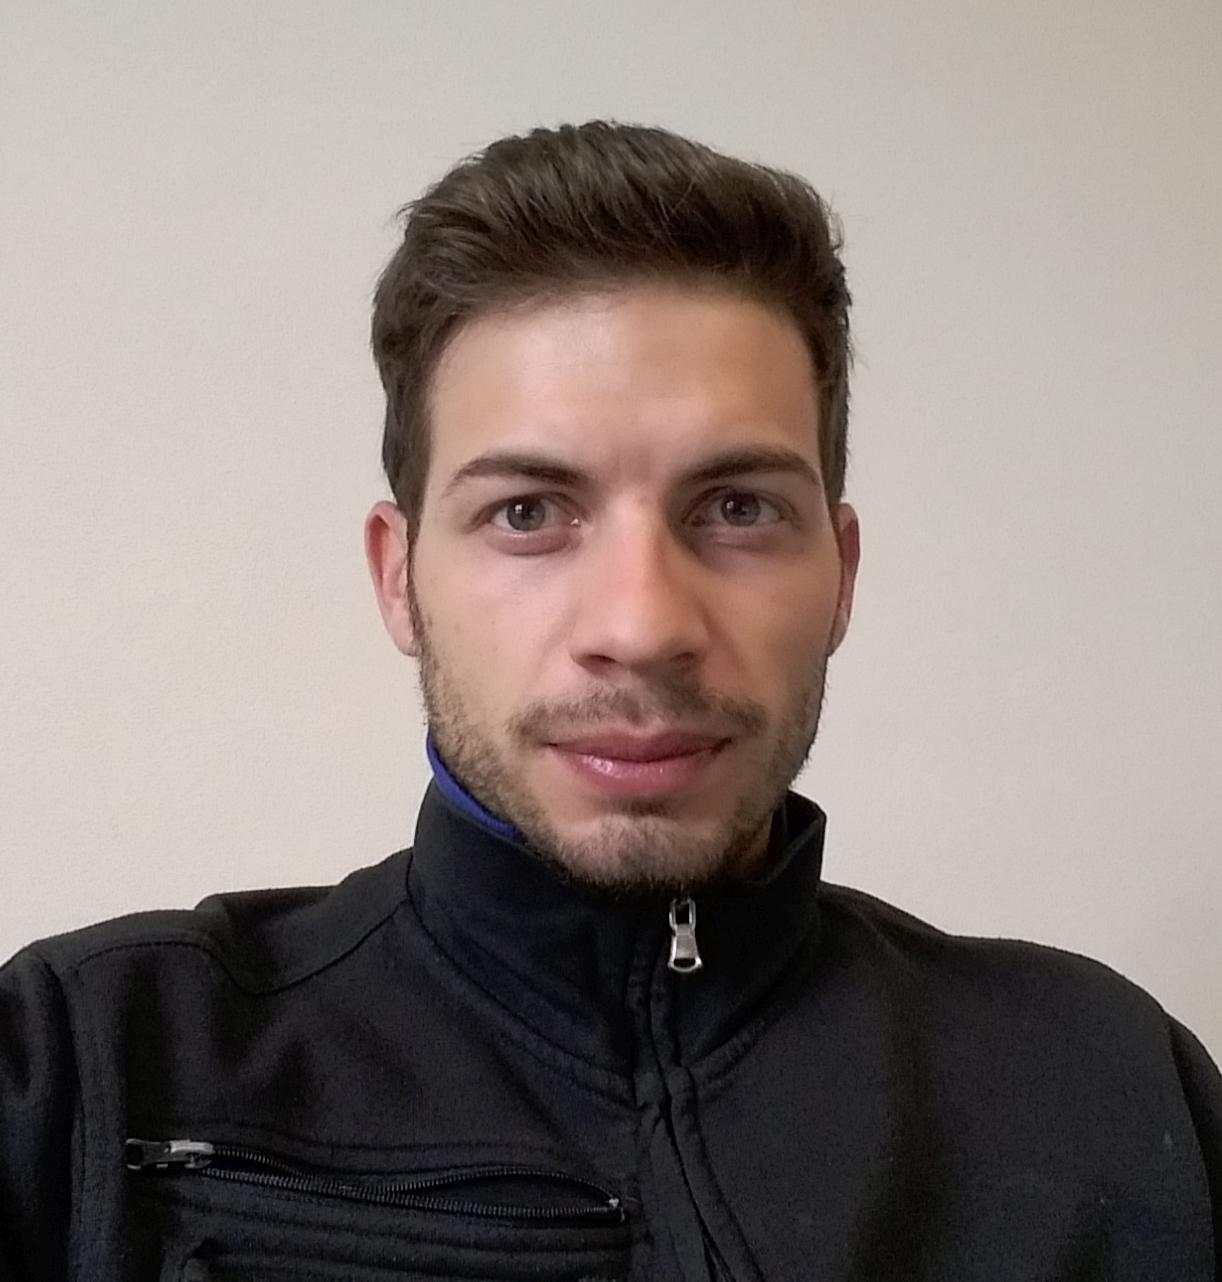 Pancrazi GianMarco